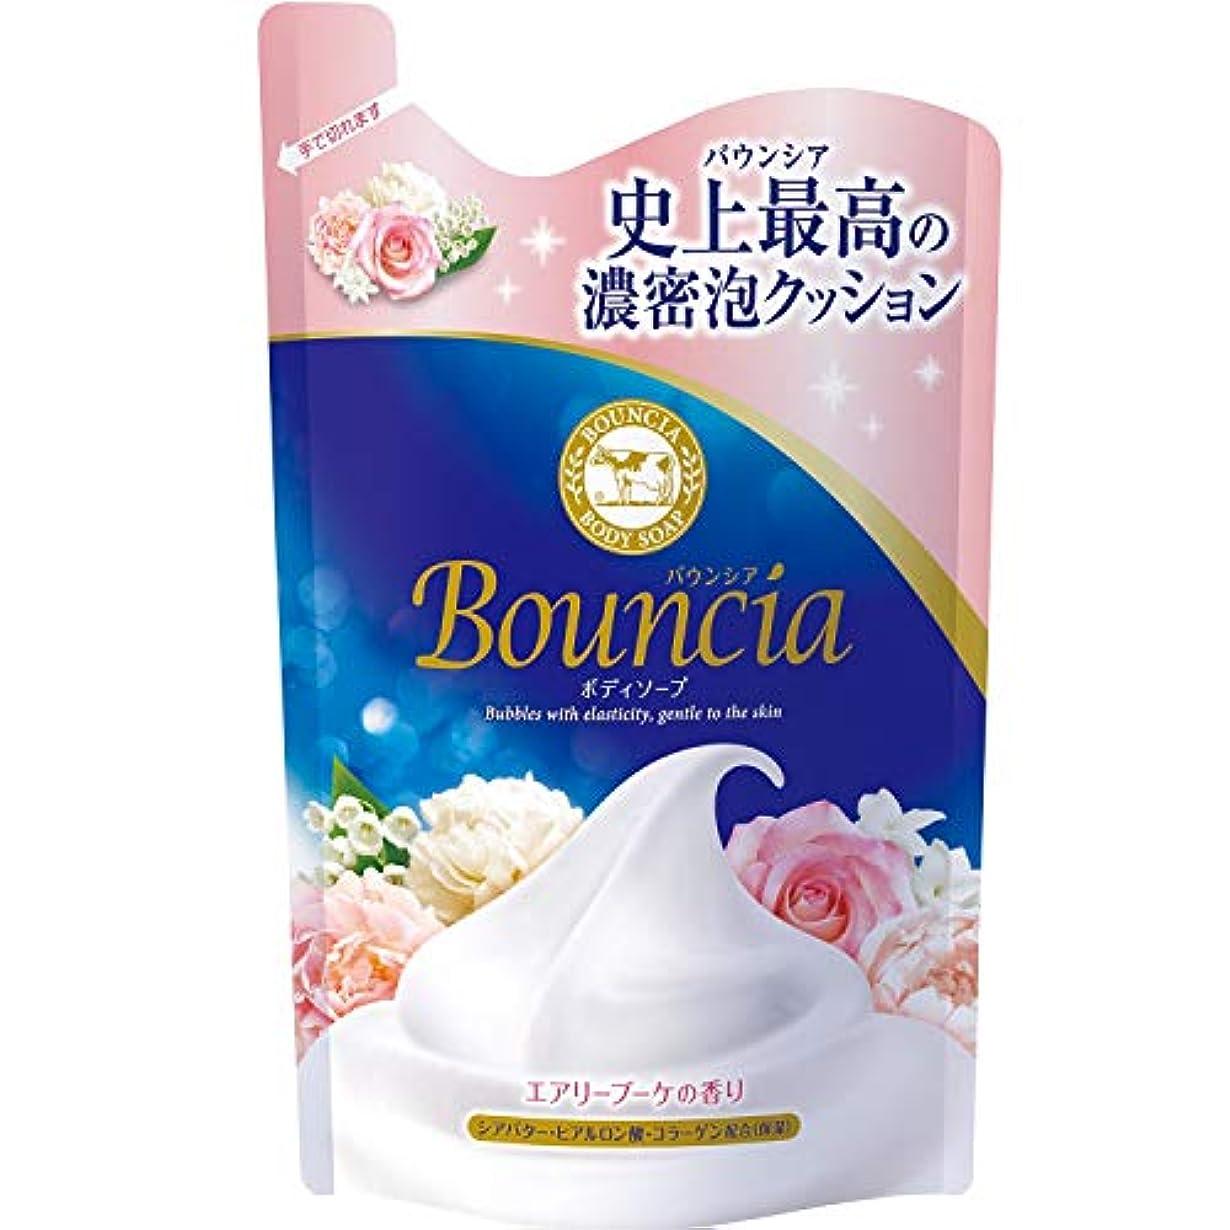 意図禁輸イデオロギーバウンシア ボディソープ エアリーブーケの香り 詰替 400mL